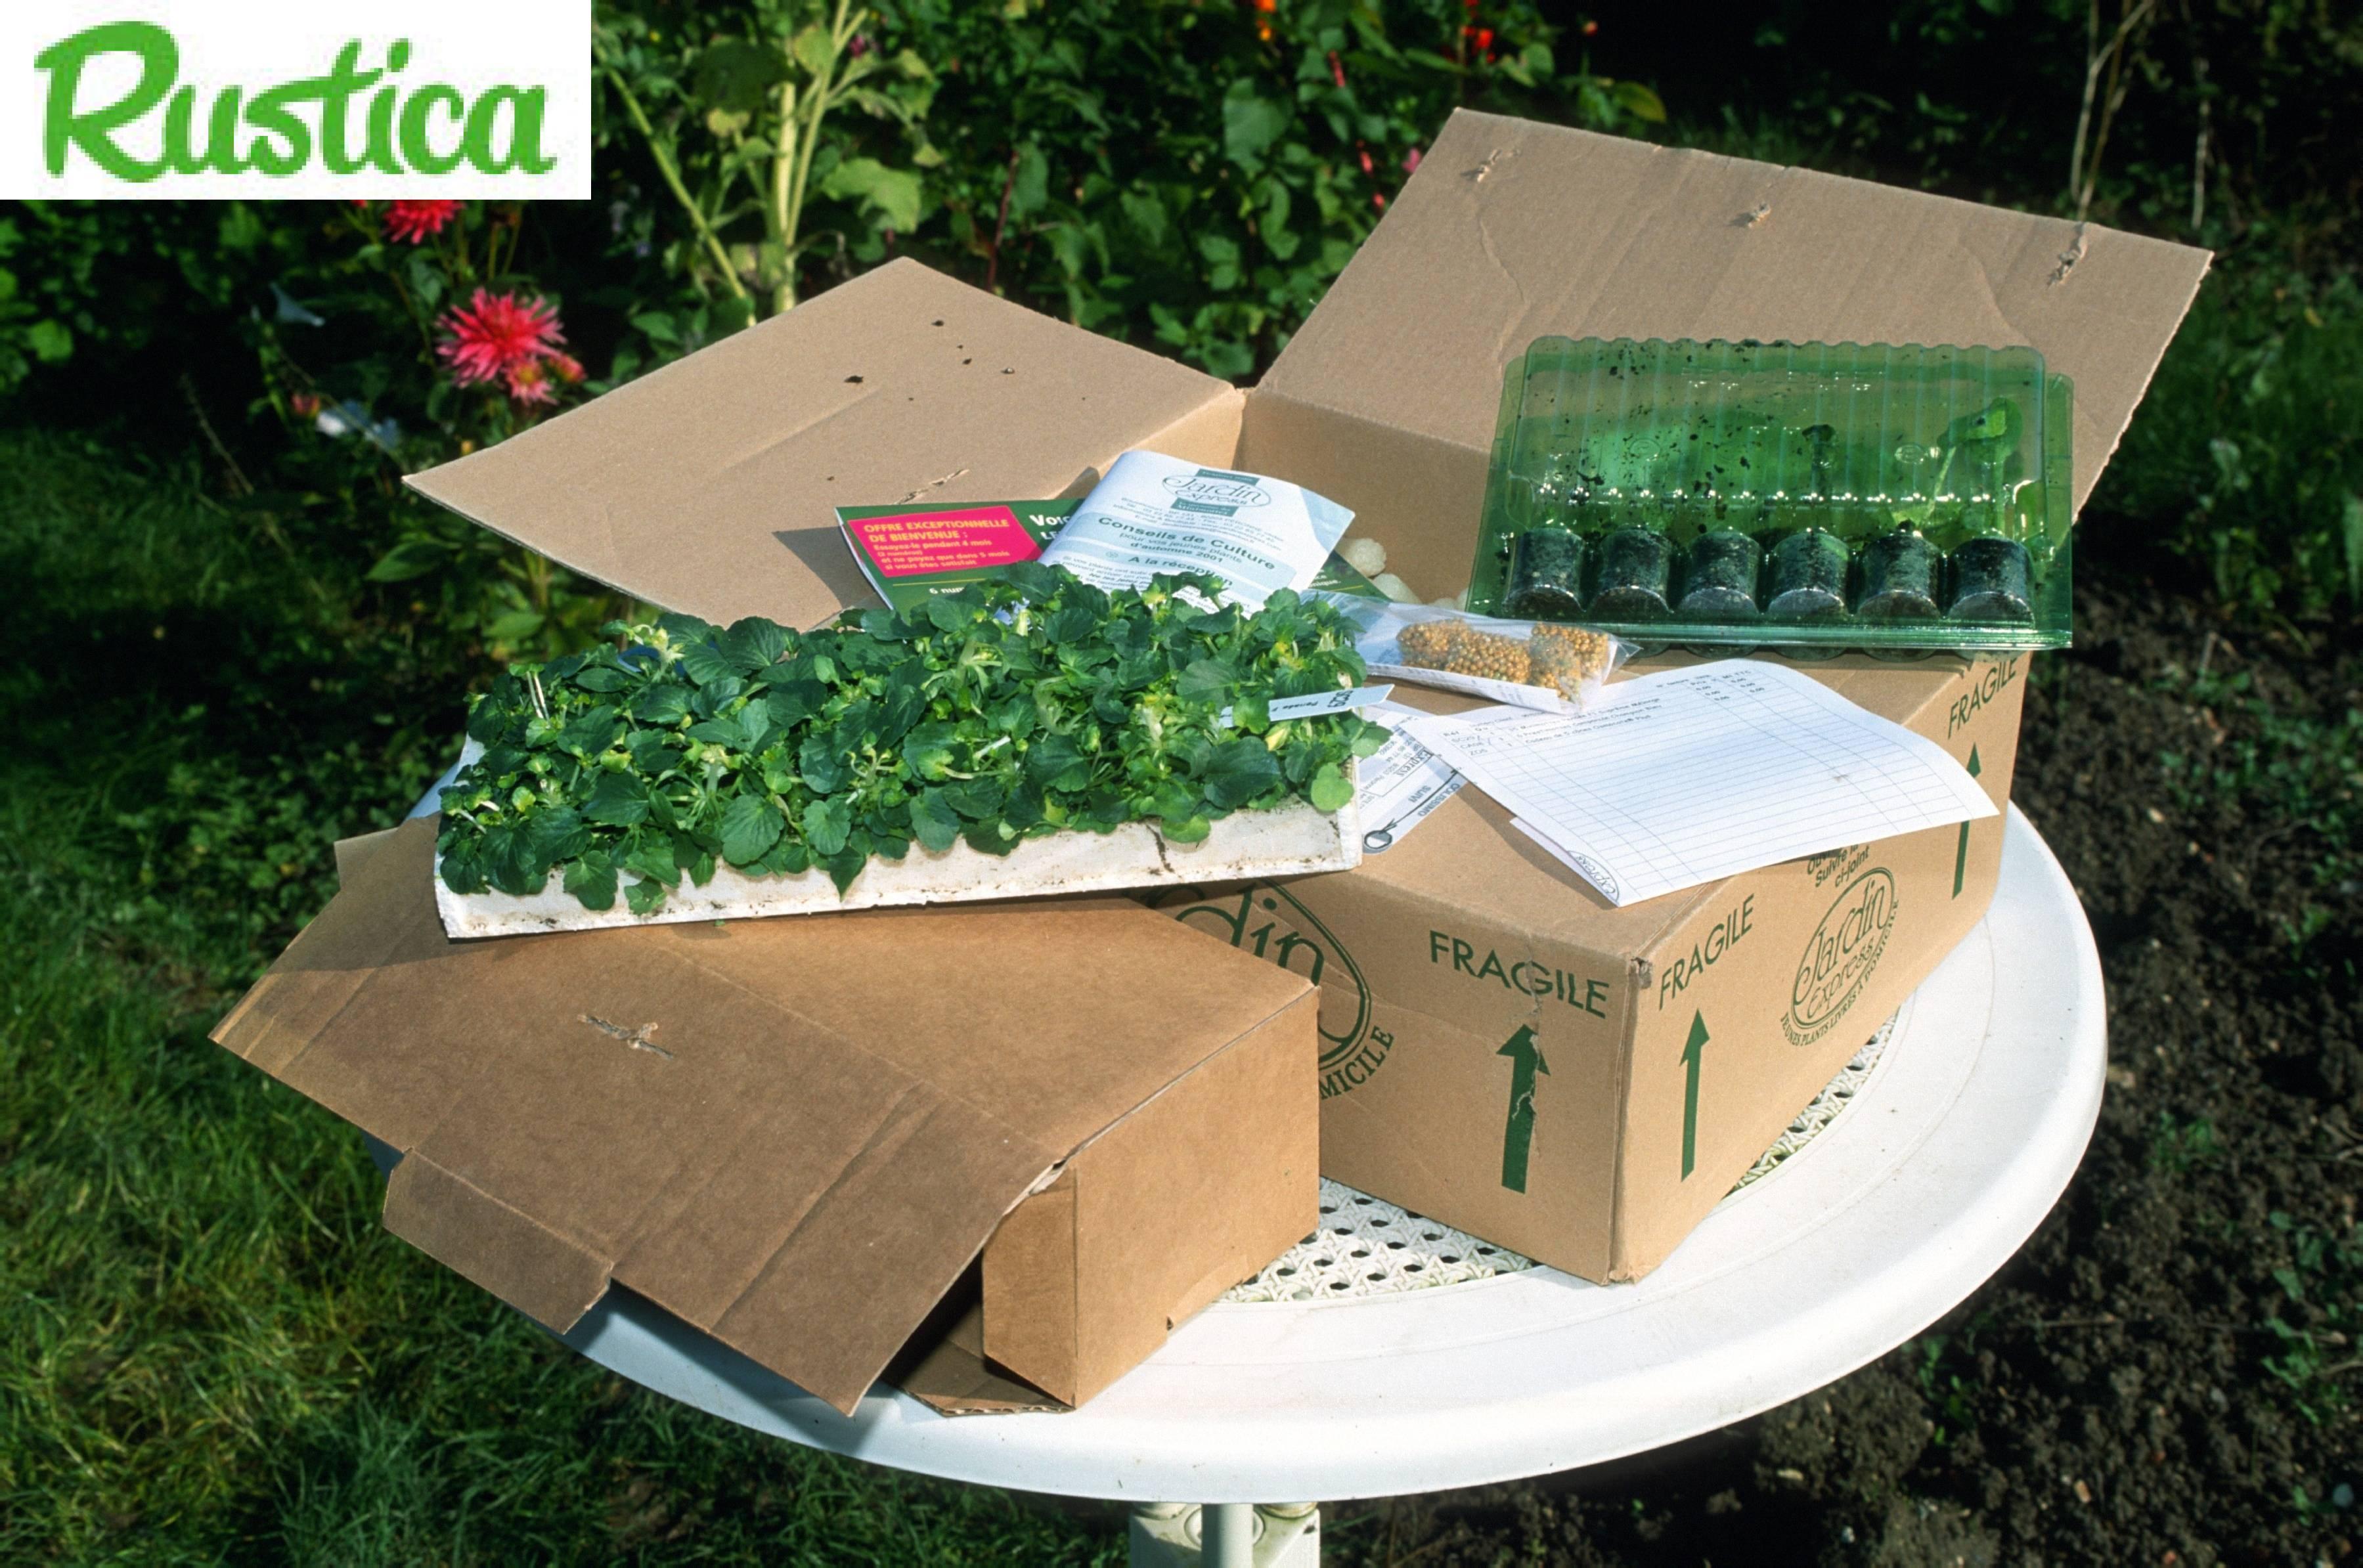 Acheter des articles pour le jardin par correspondance - Meubles par correspondance ...